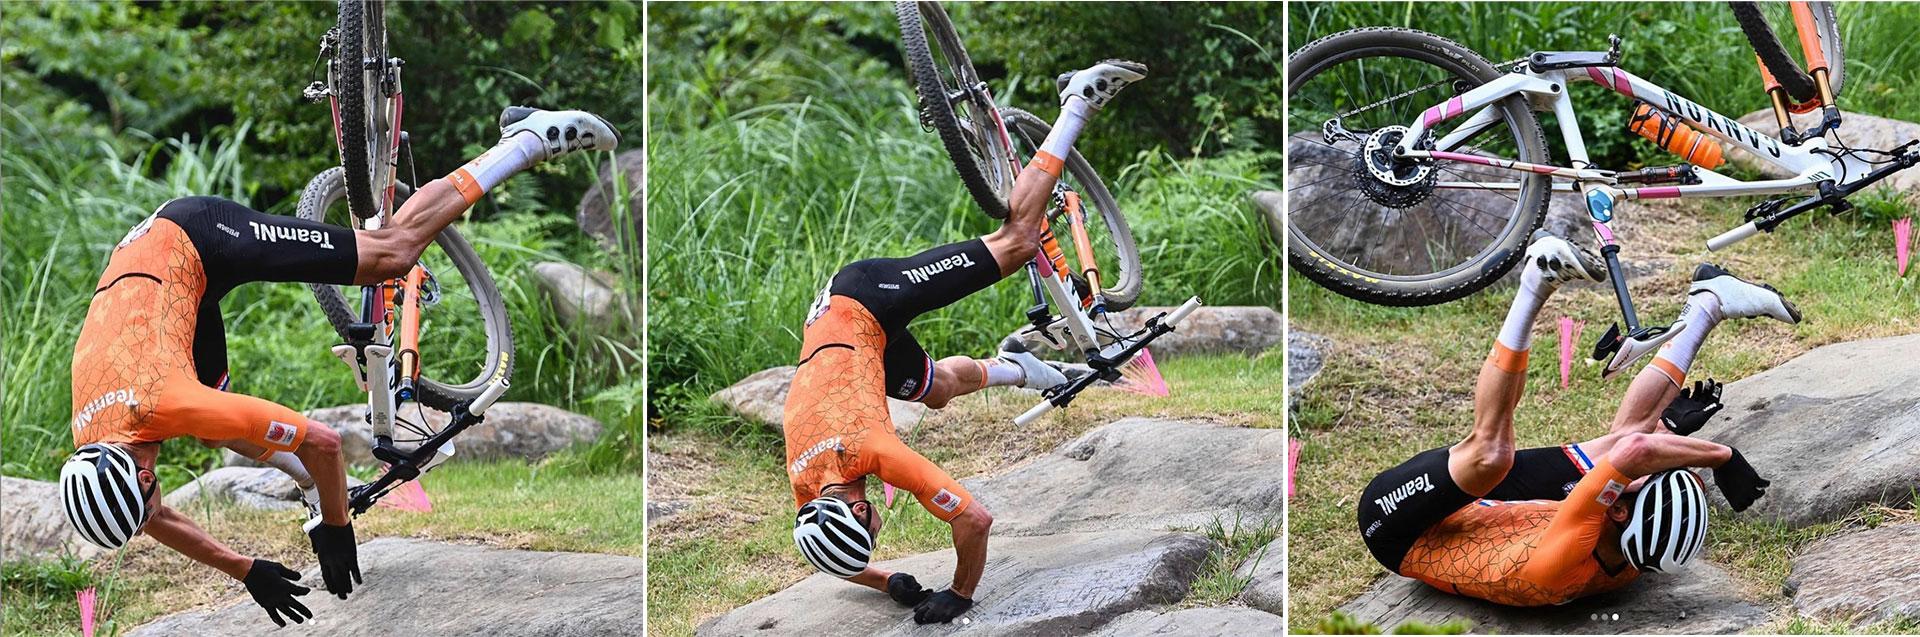 Mathieu Var der Poel alle olimpiadi di Tokyo